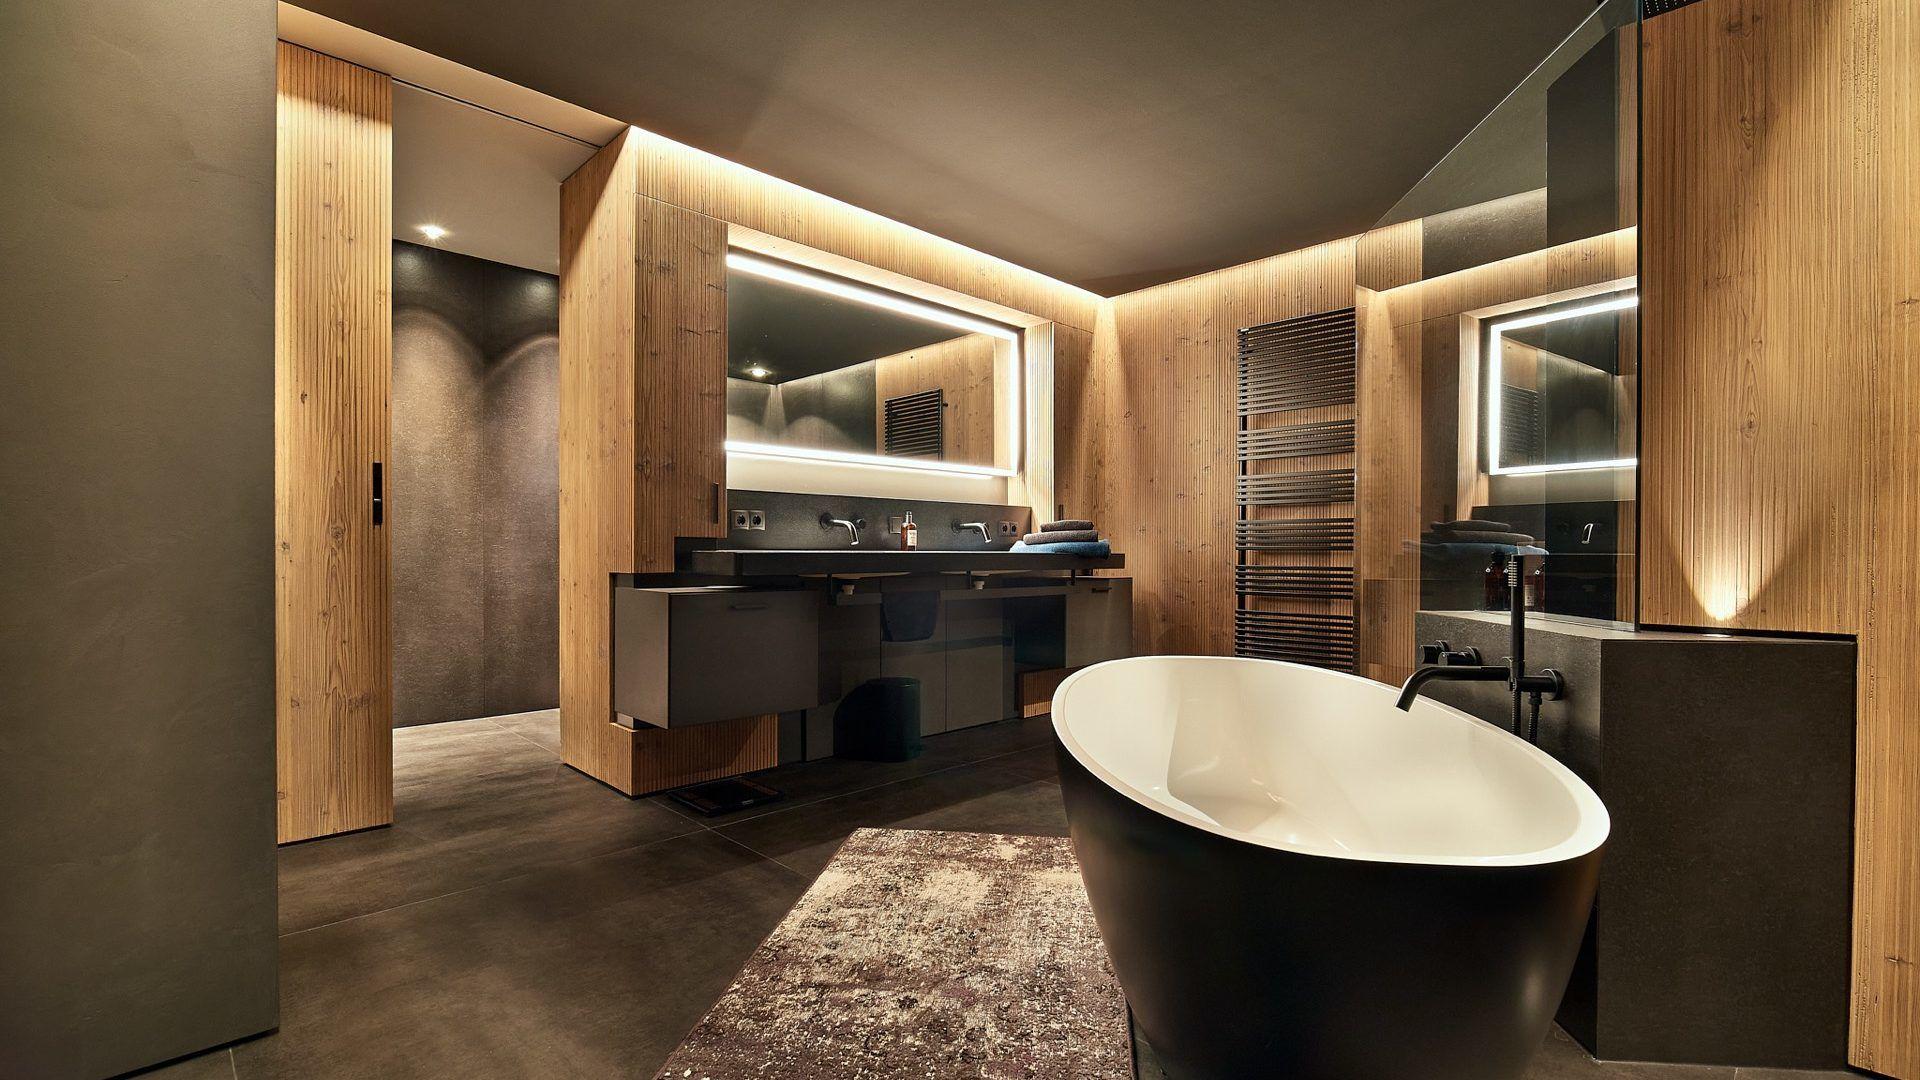 Lichtplanung Badezimmer, privates Einfamilienhaus, Salzburg